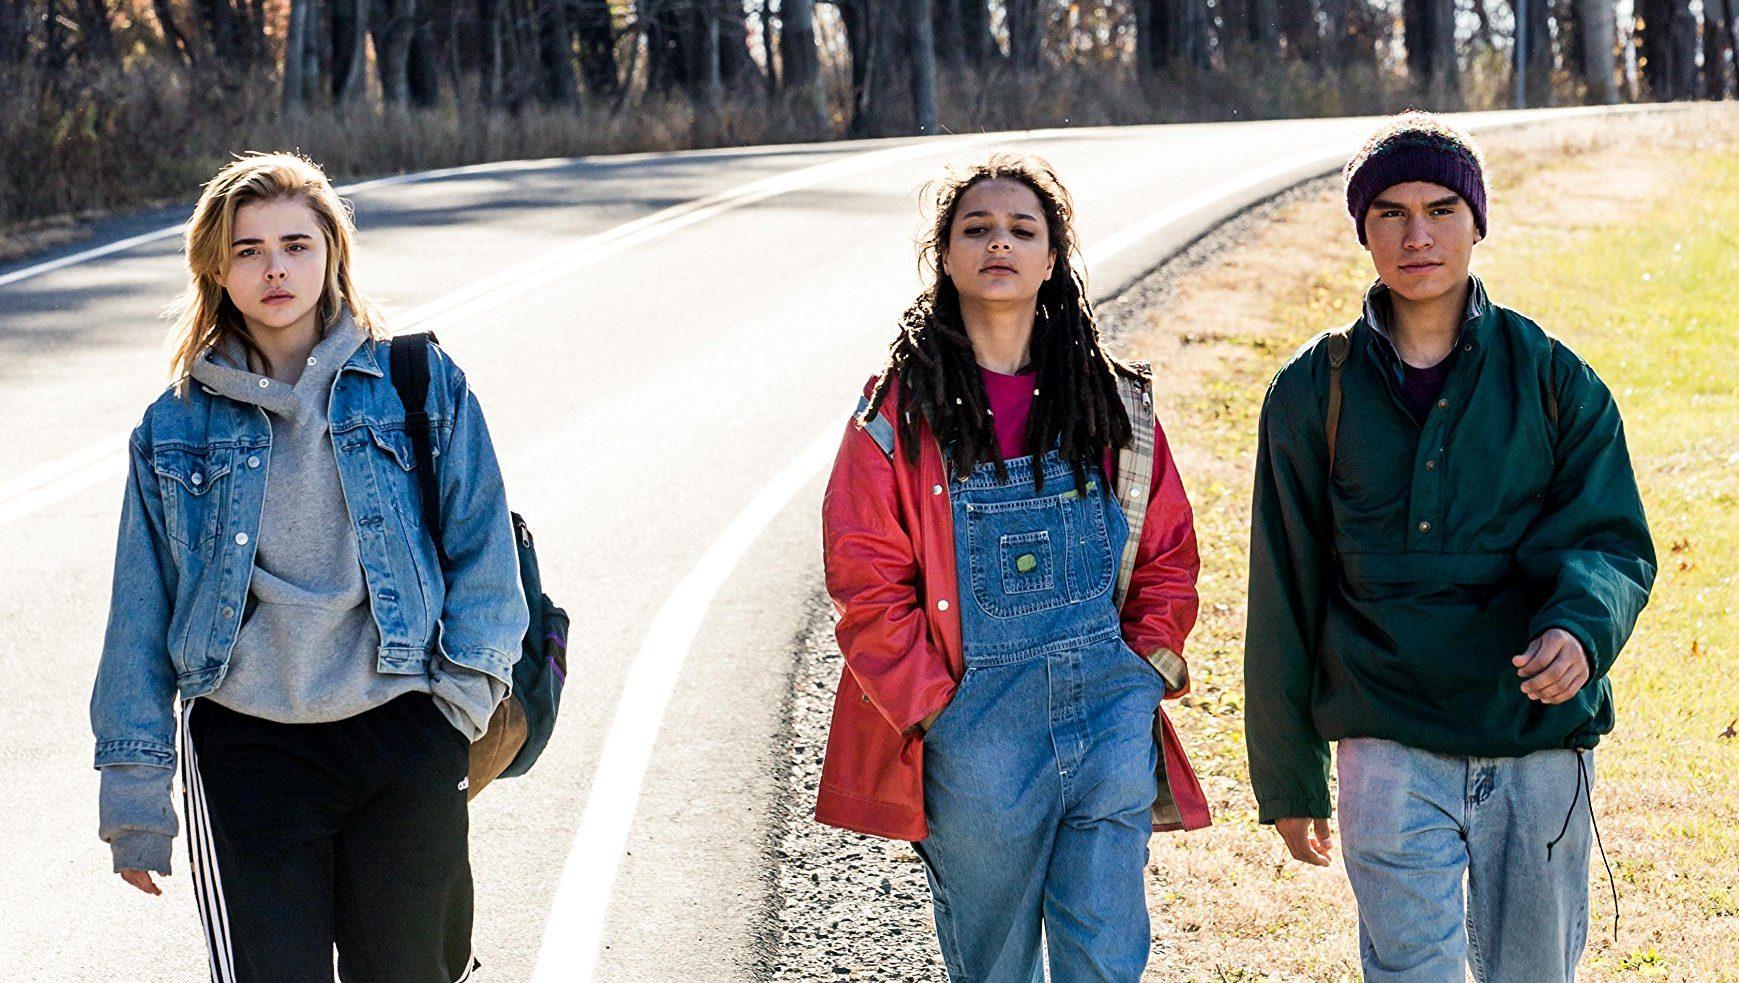 2018'de Vizyona Girecek Olan En Önemli LGBT Filmleri